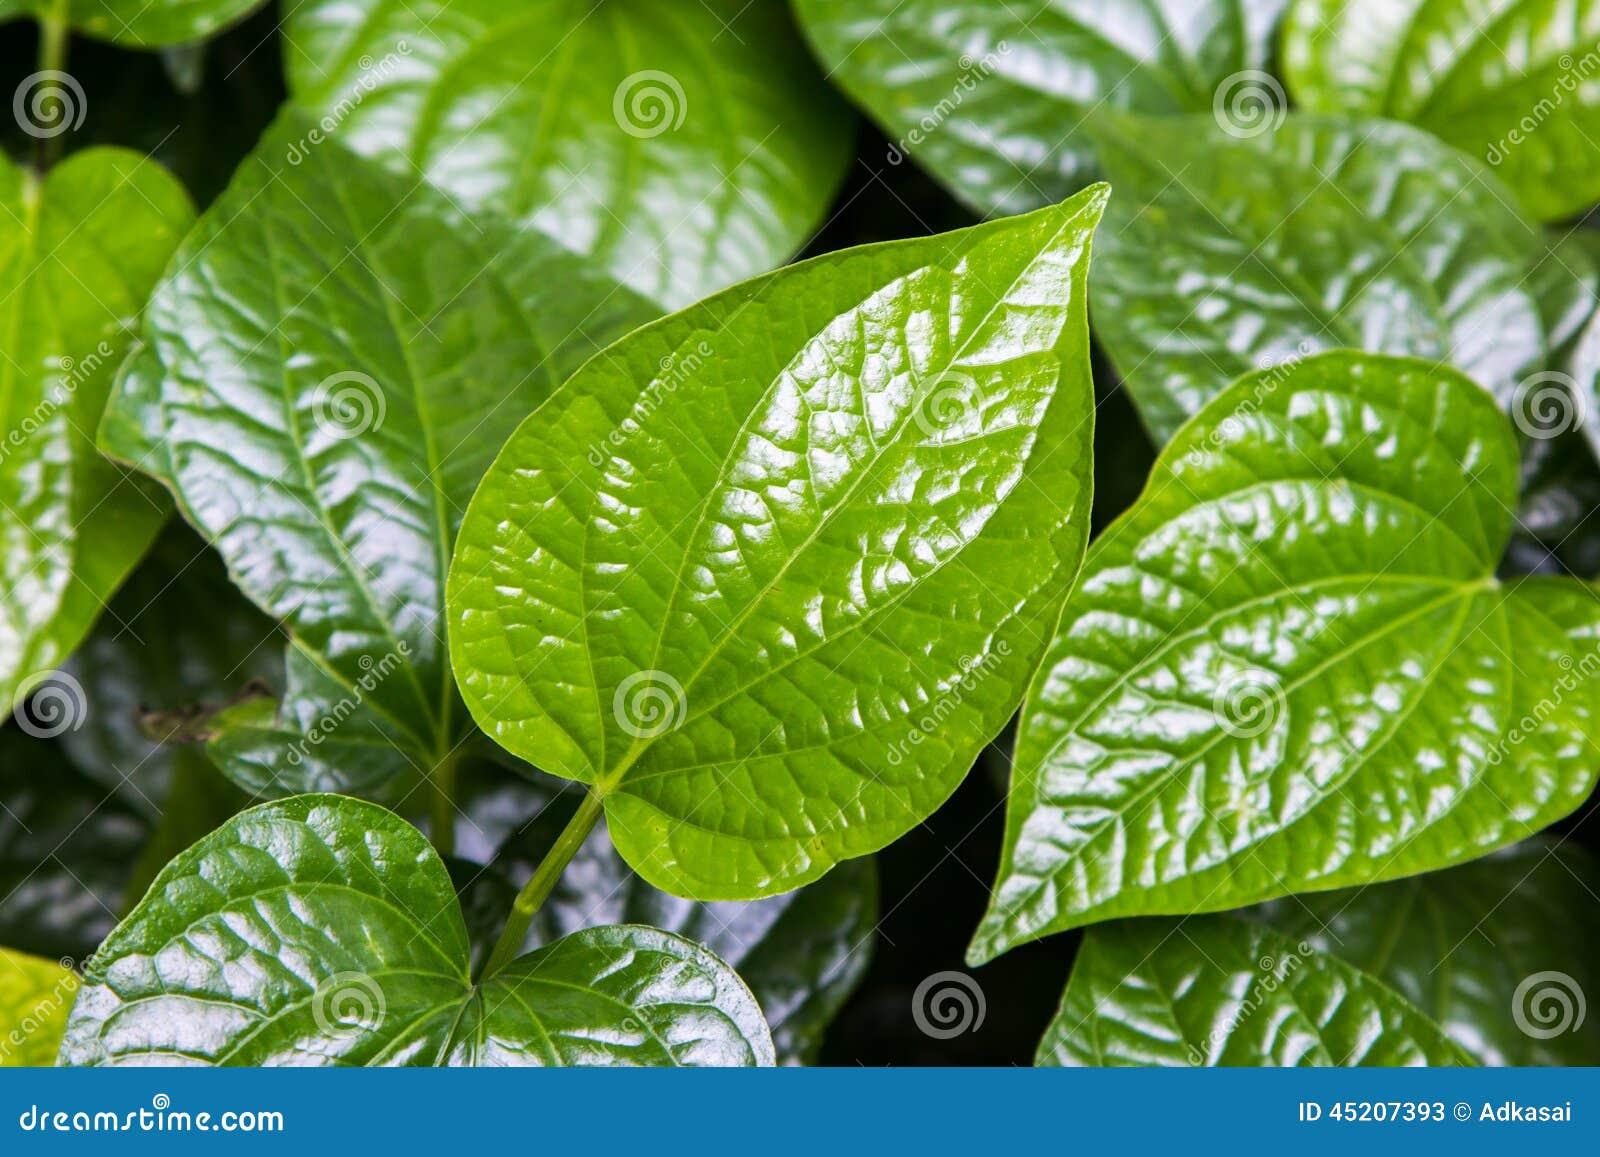 Green Leaf Thai Food